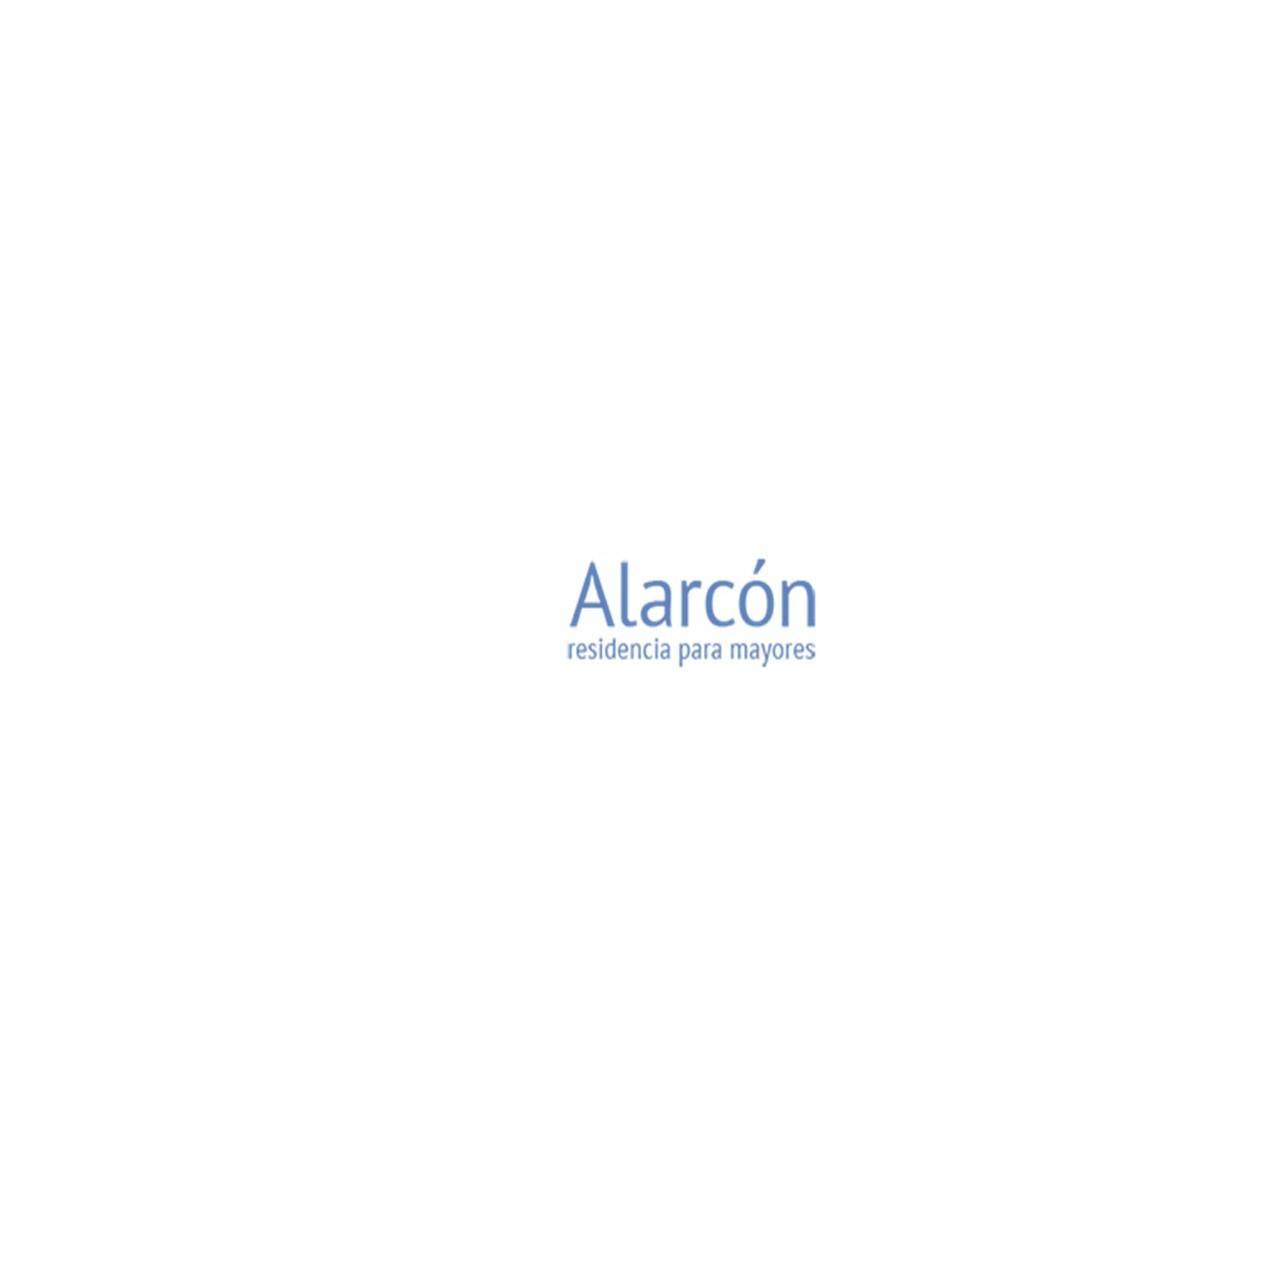 Residencia Alarcón